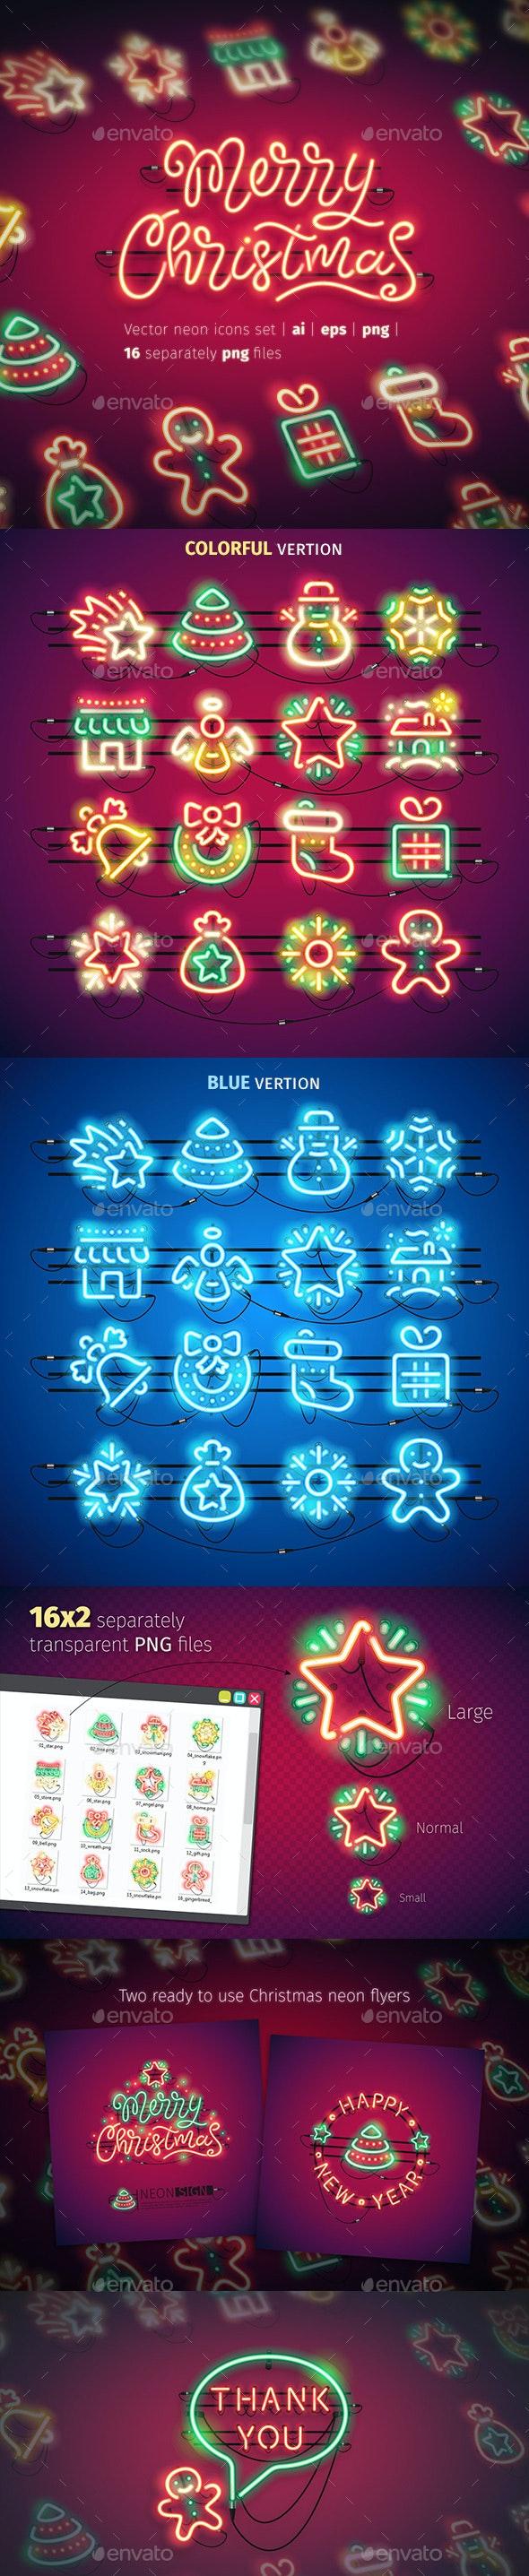 Christmas Colorful Neon Icons - Seasonal Icons